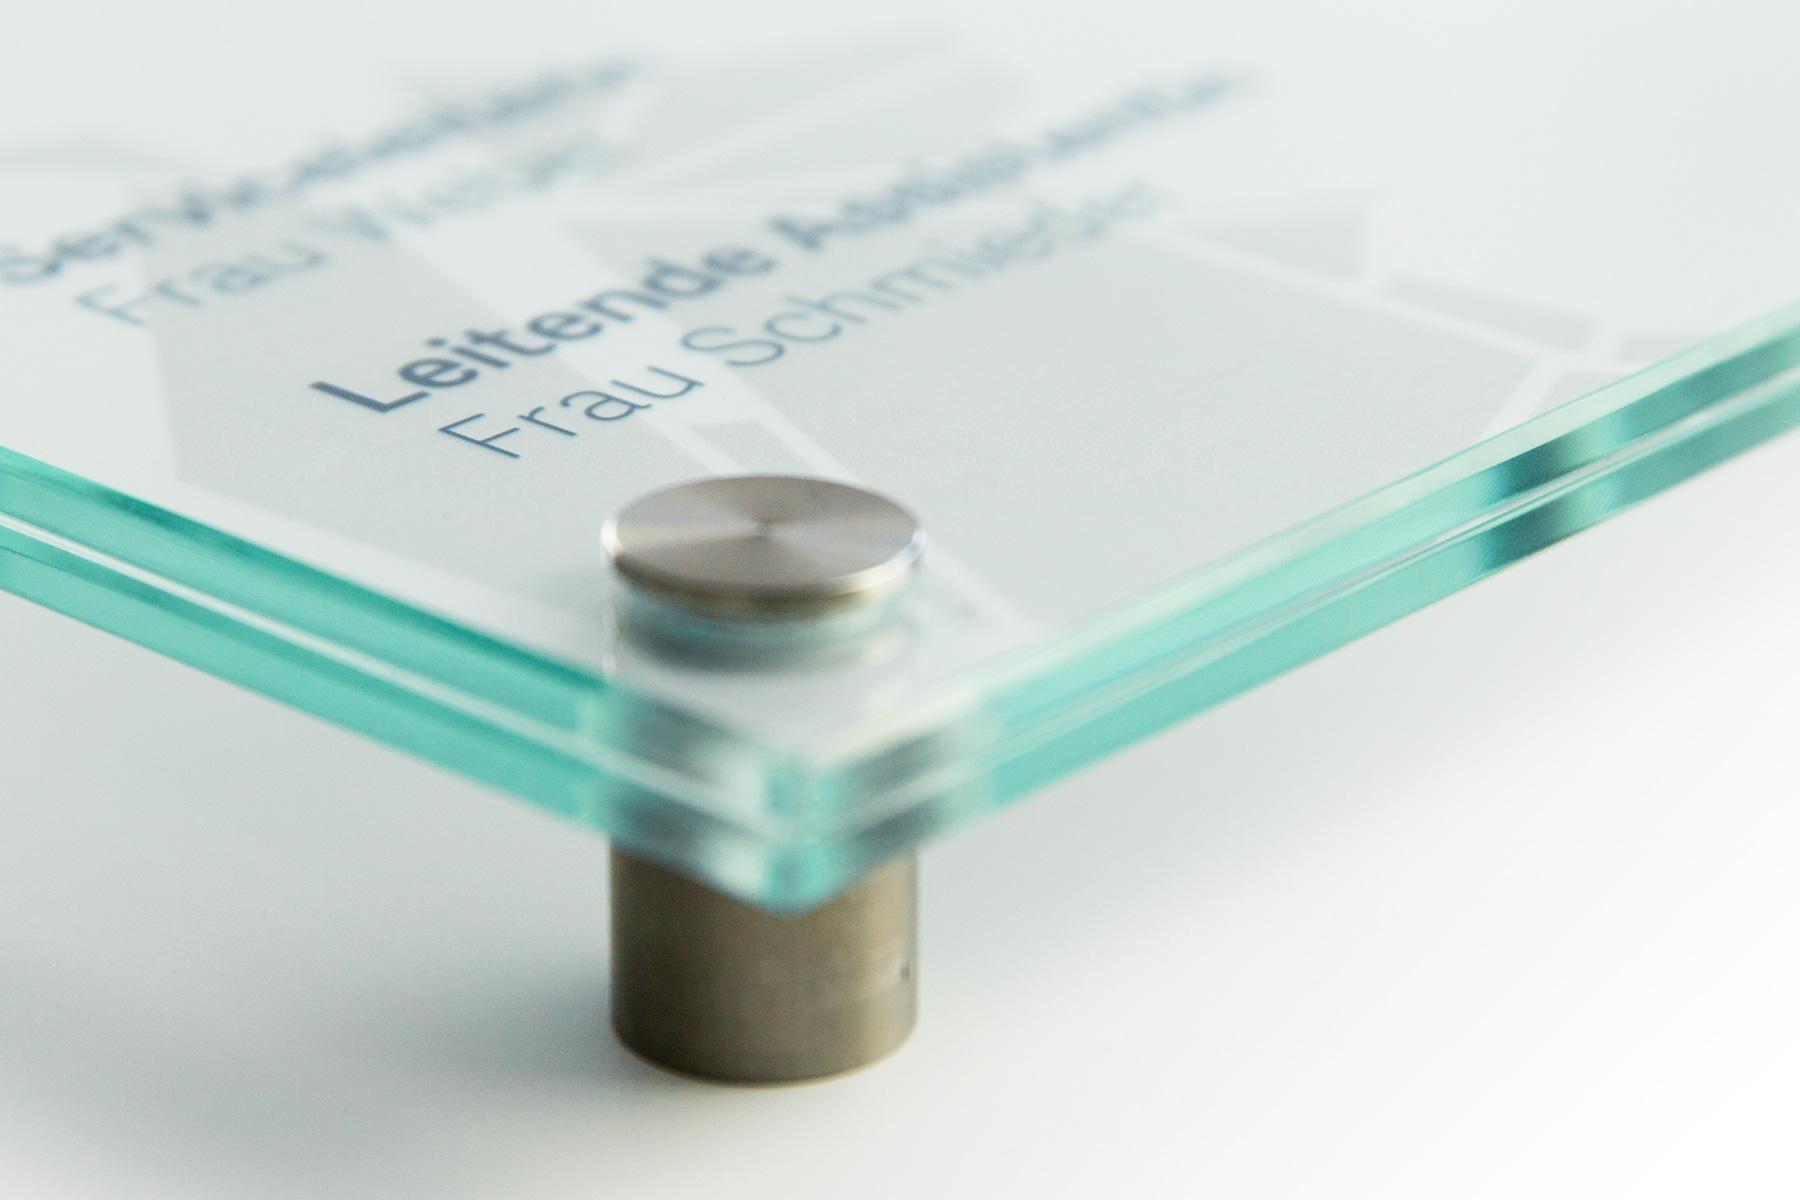 gläsernes Türschild - Detailaufnahme Abstandshalter